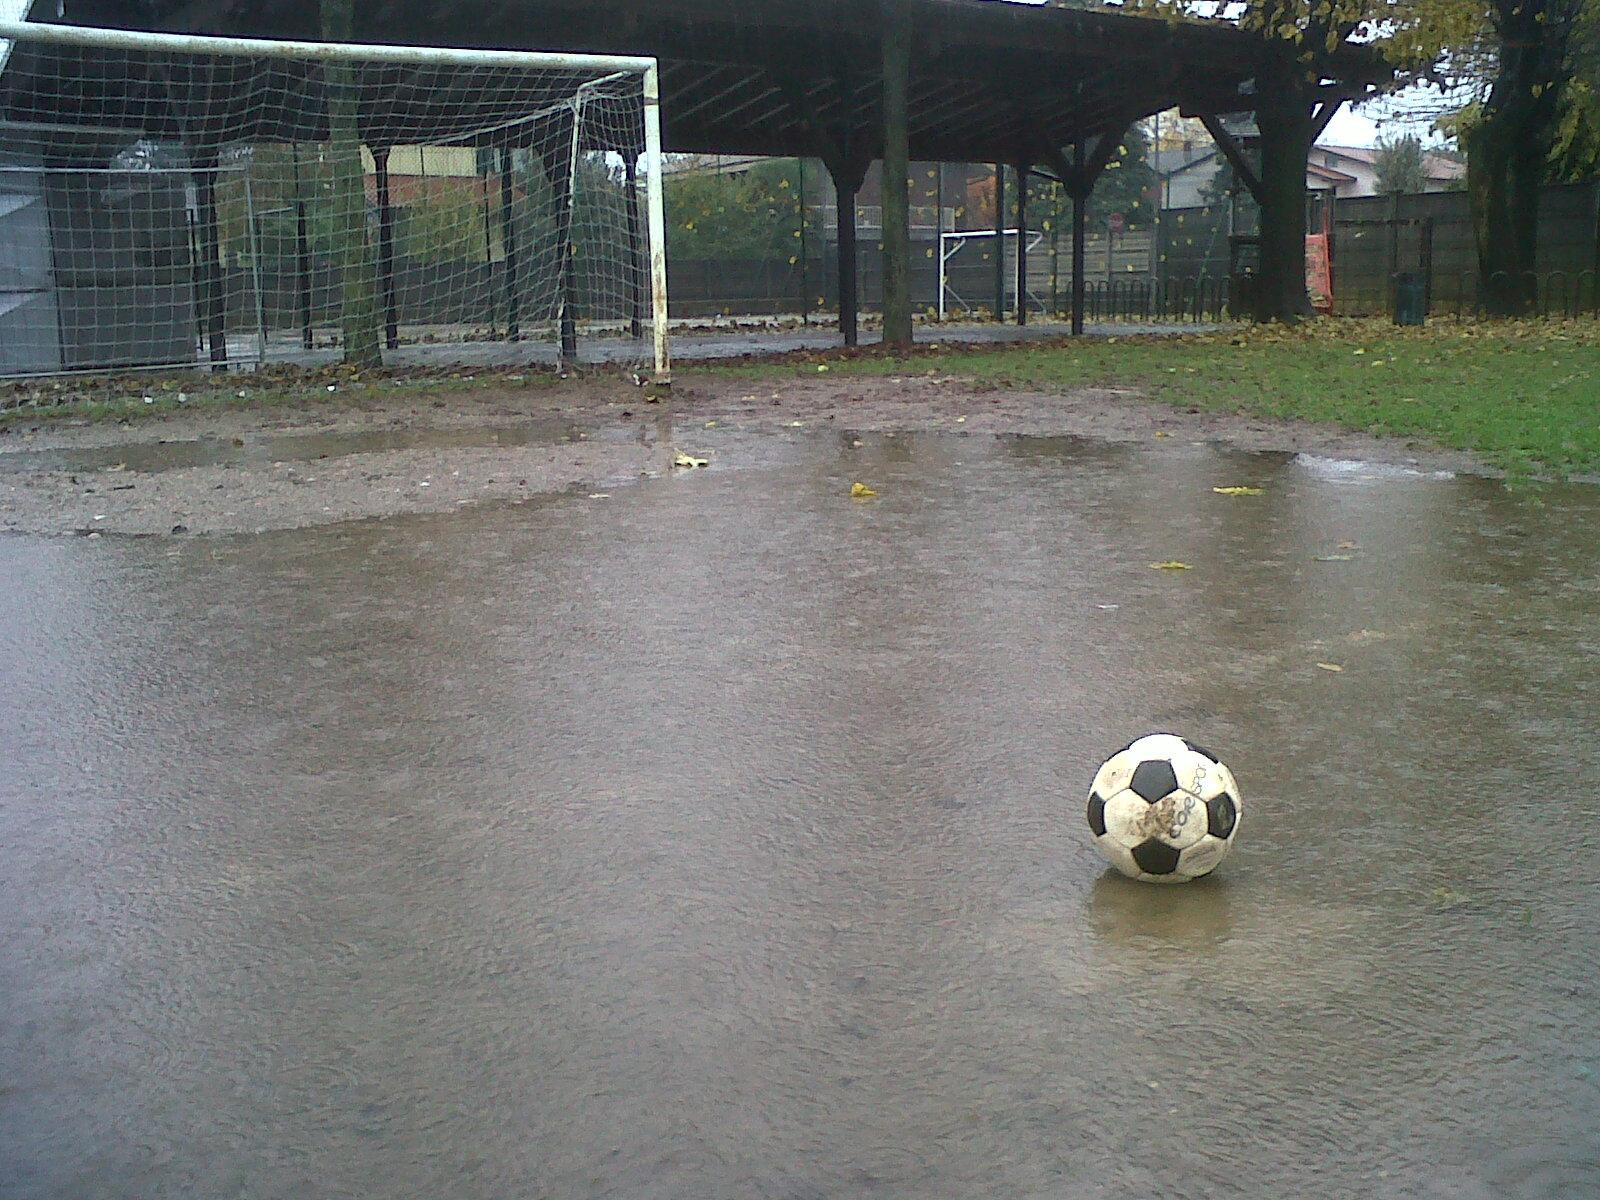 Pallone nell'acqua stadio